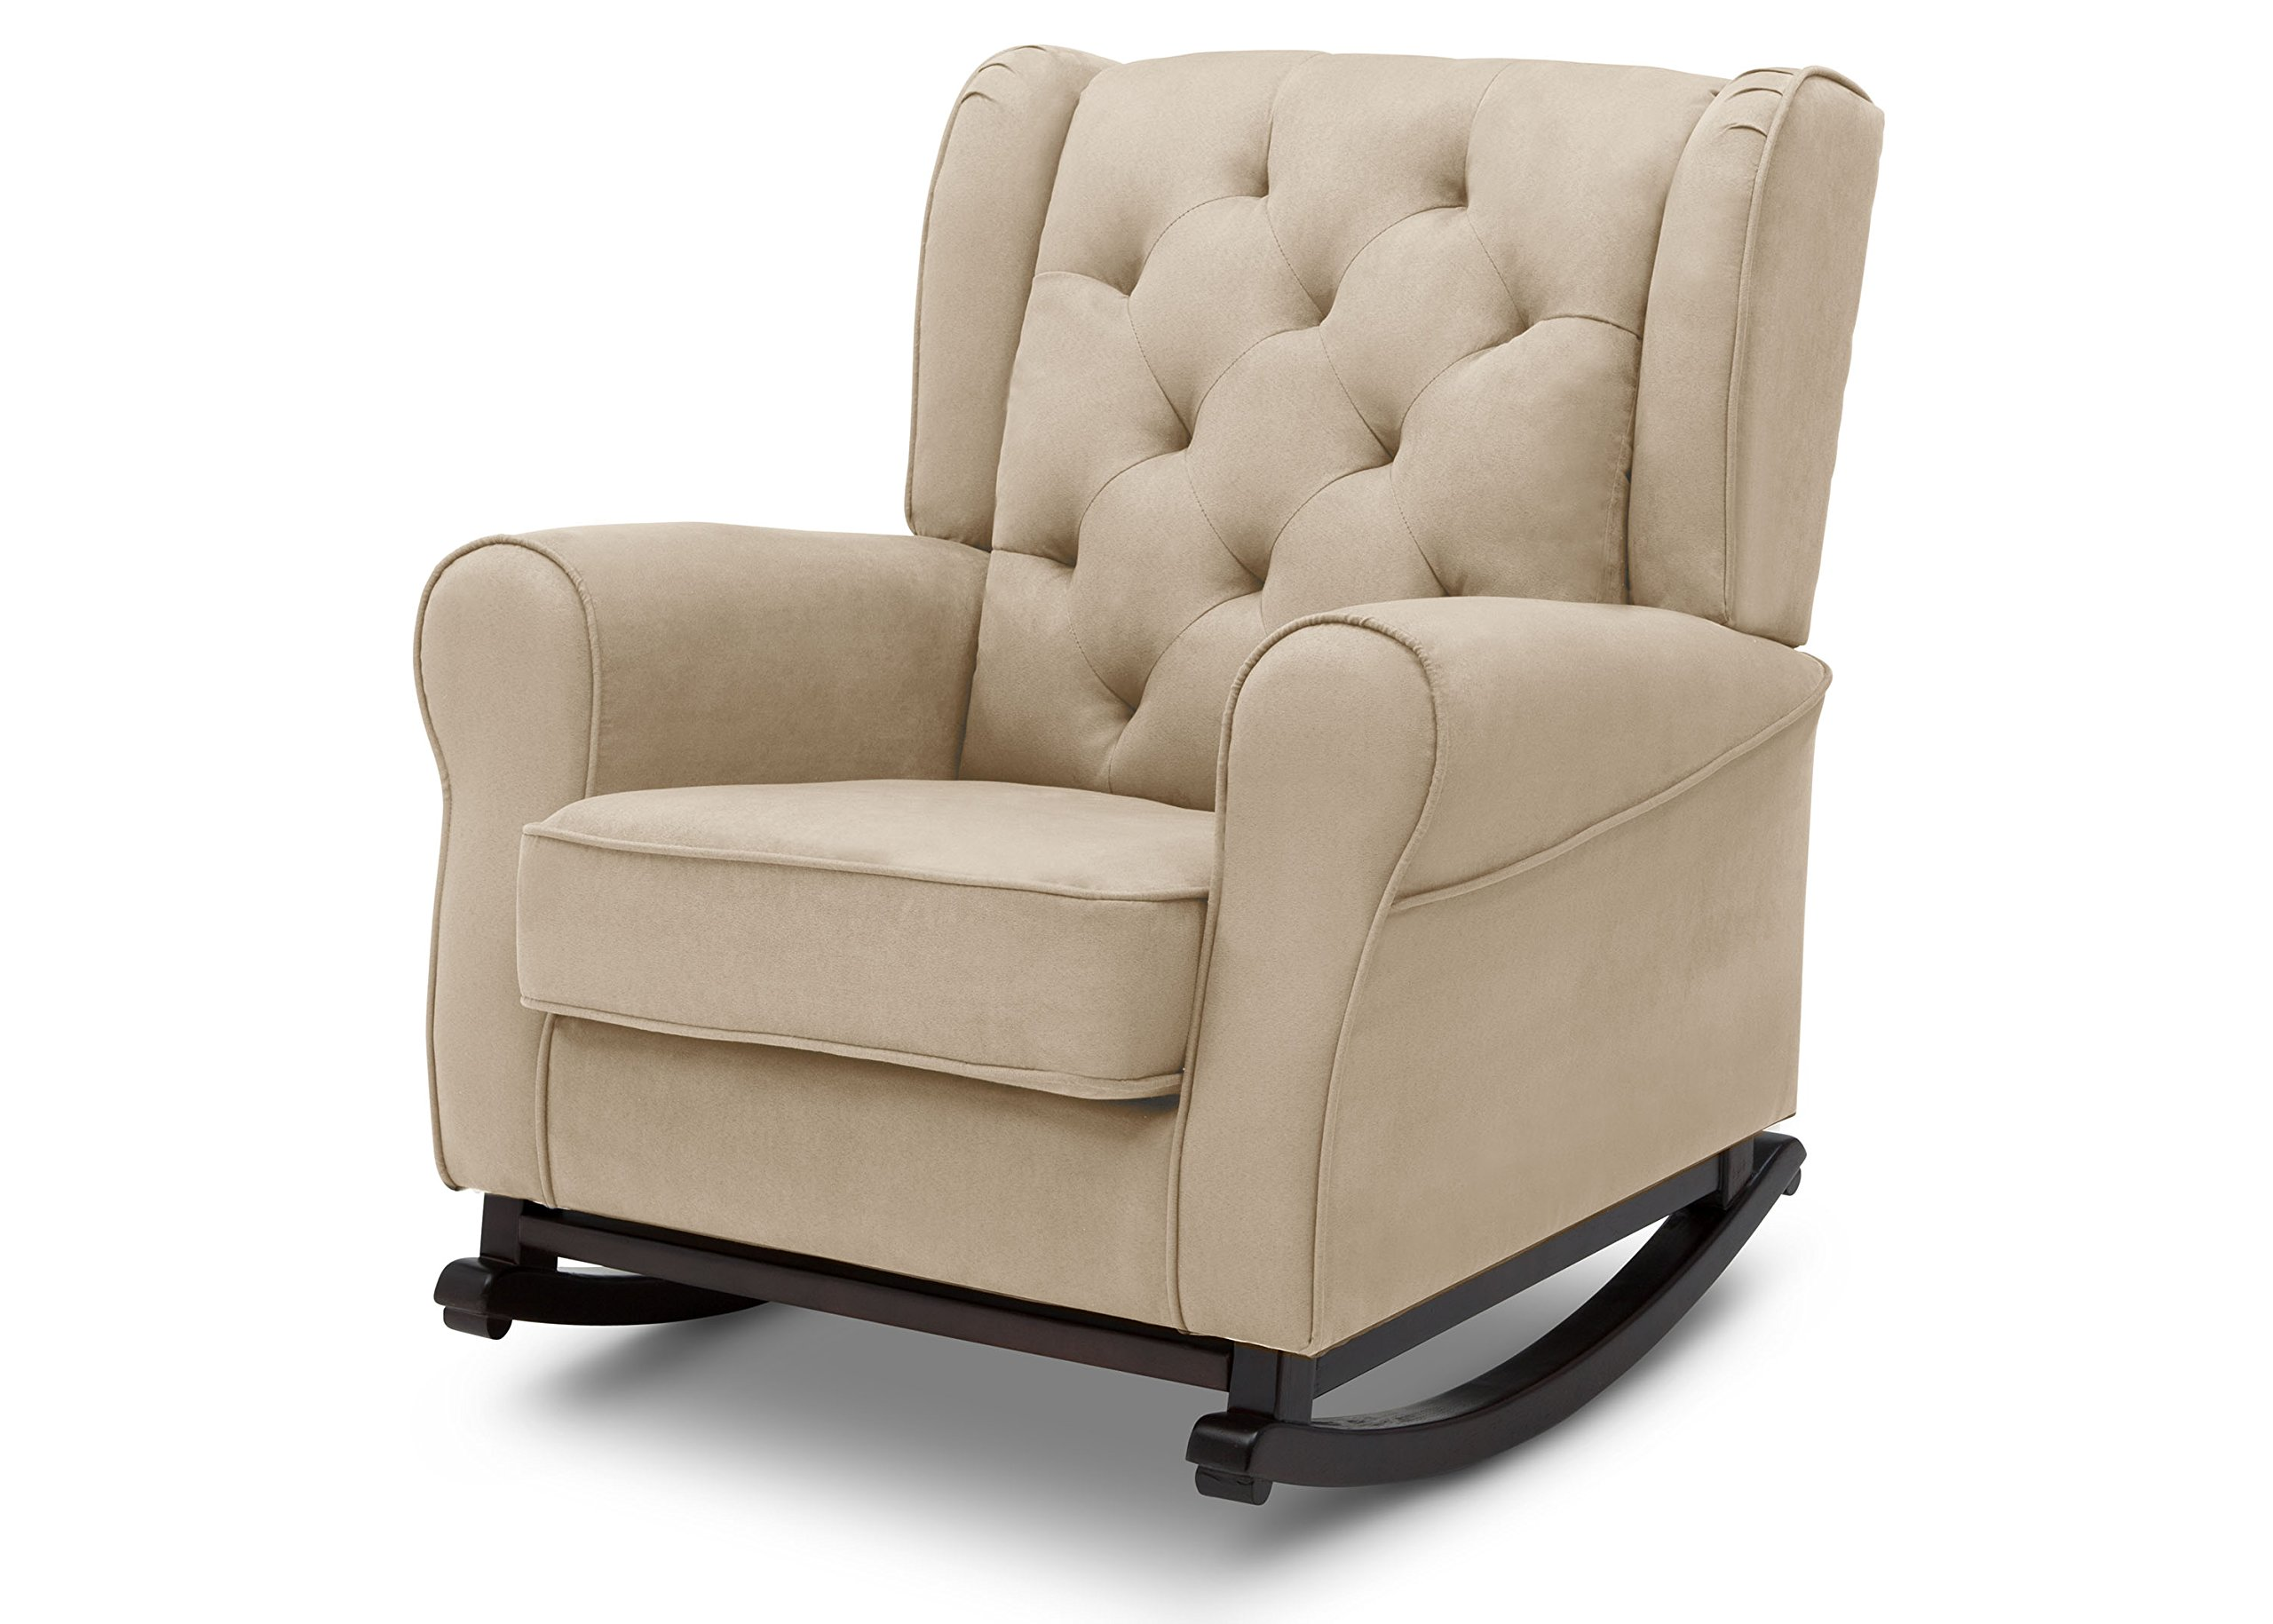 Delta Furniture Emma Upholstered Rocking Chair, Ecru by Delta Furniture (Image #4)